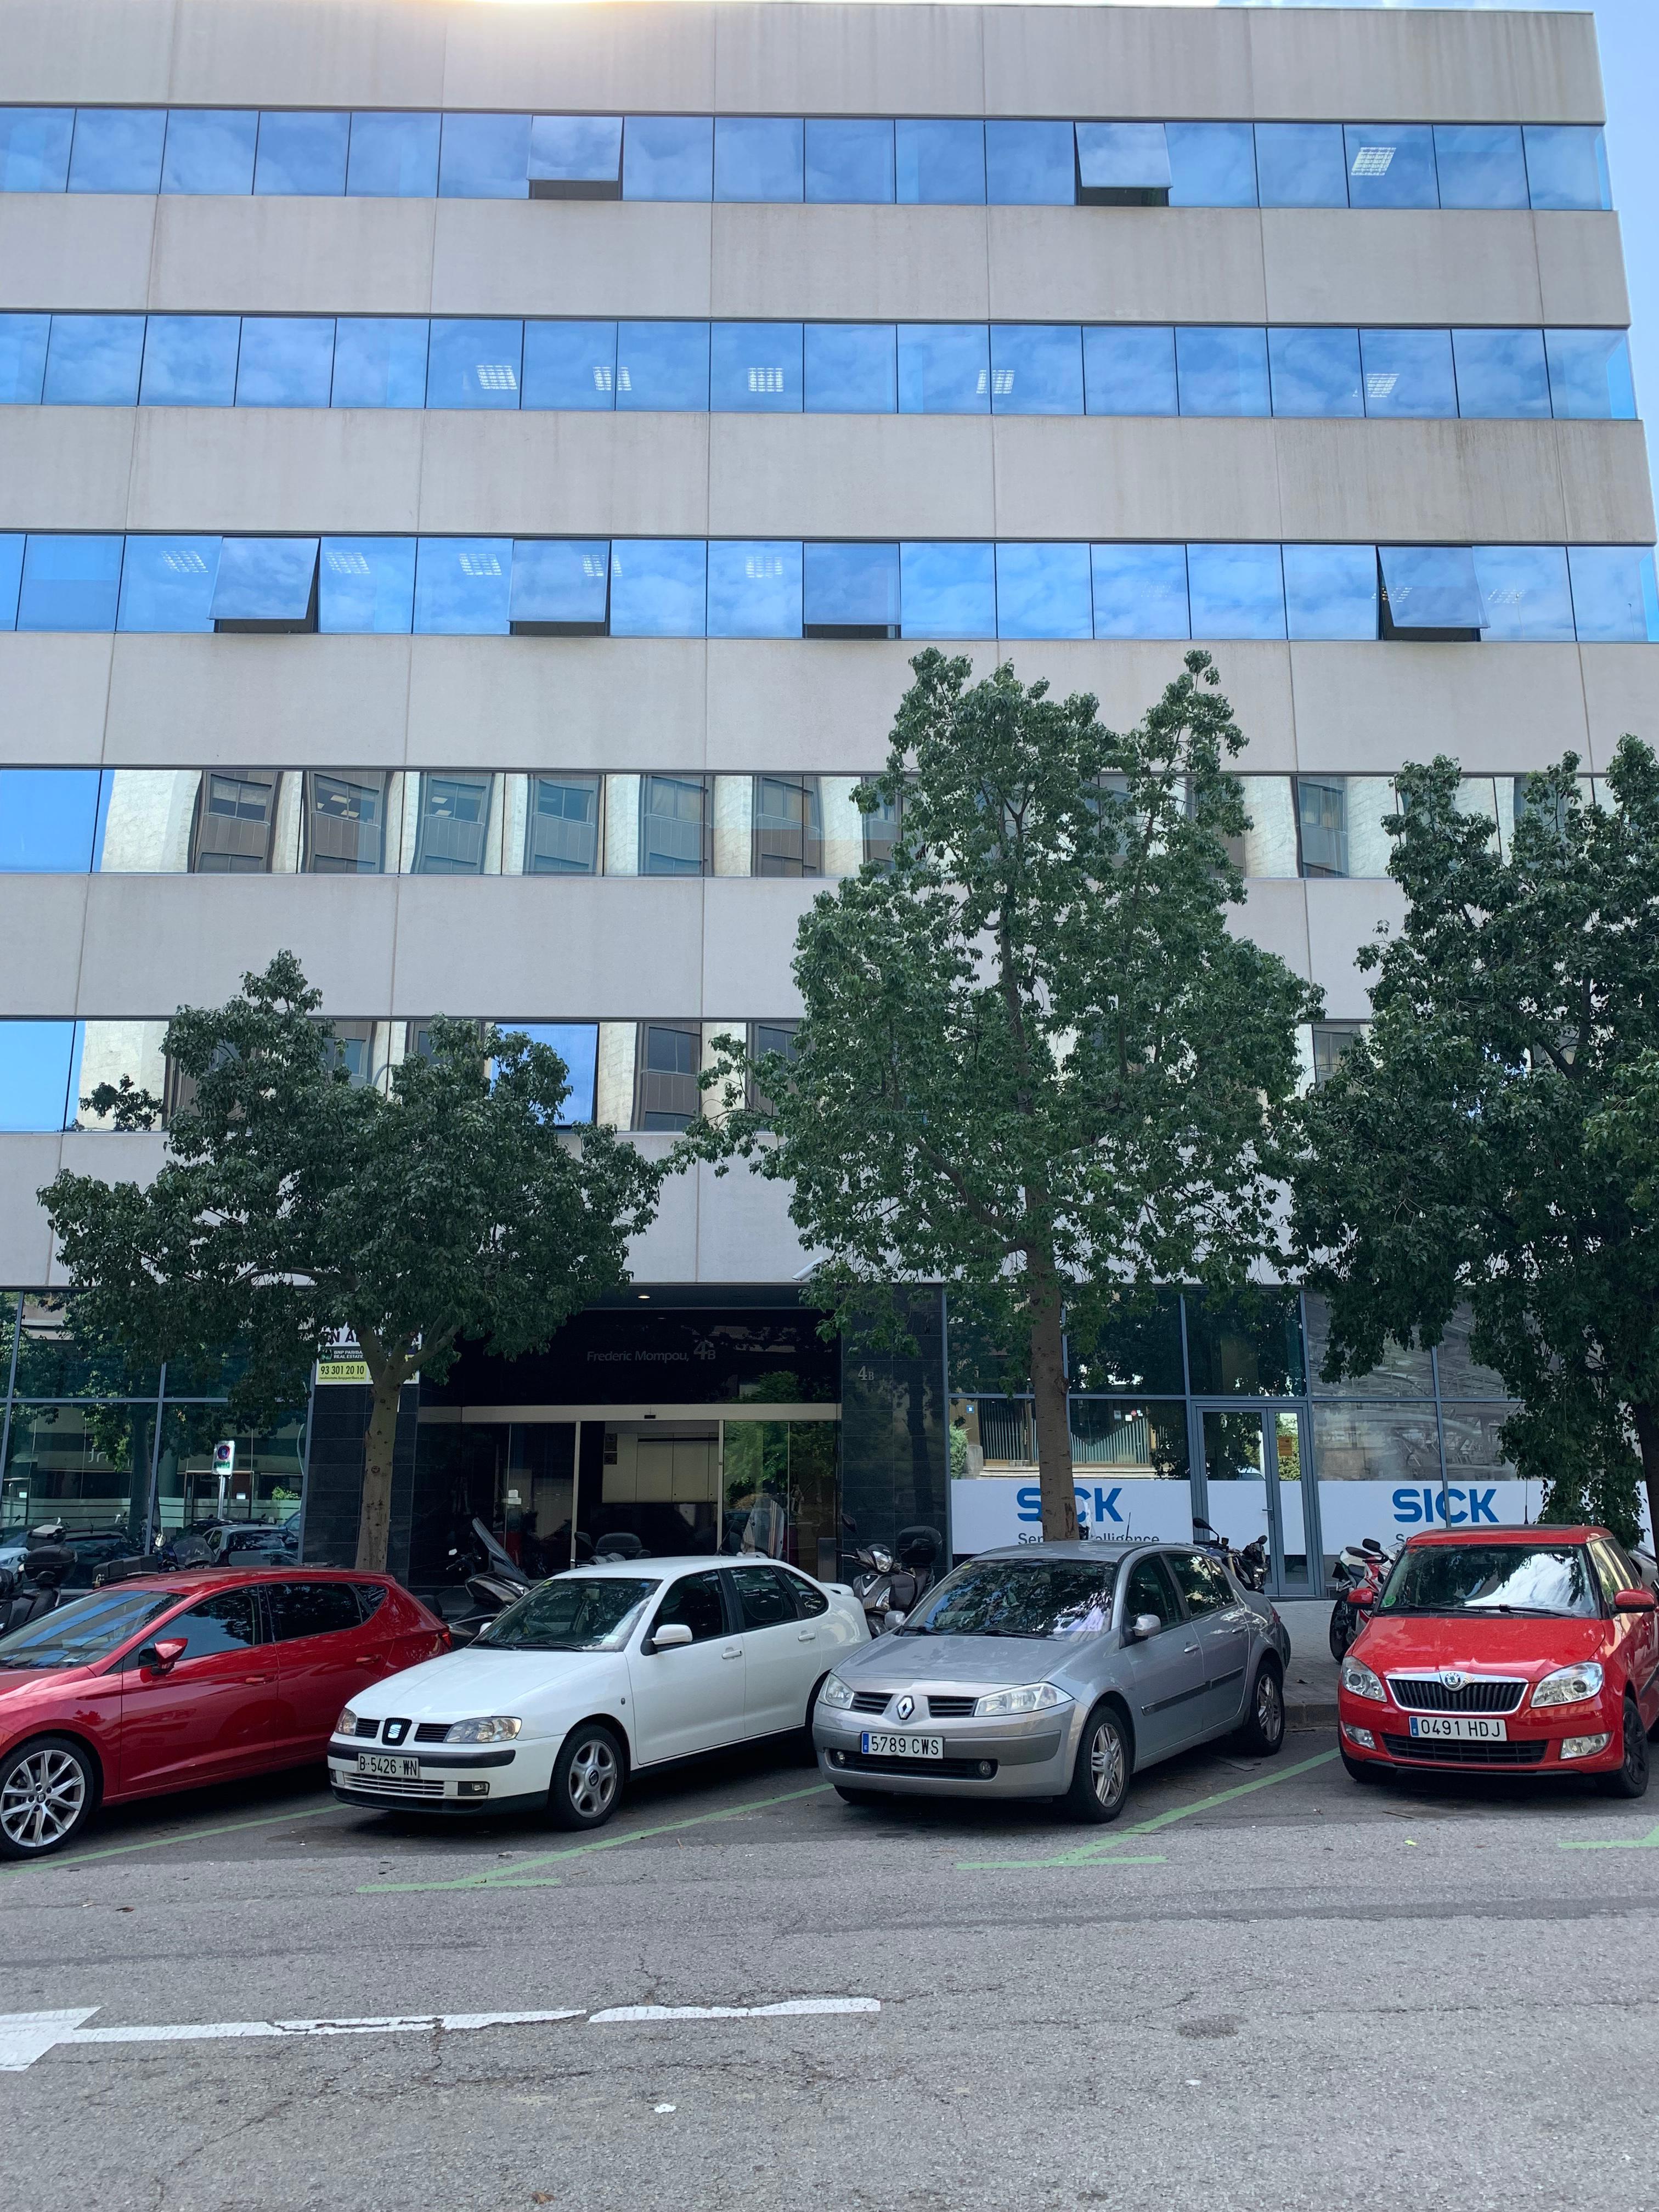 Hunkemöller International B.V. Spain office